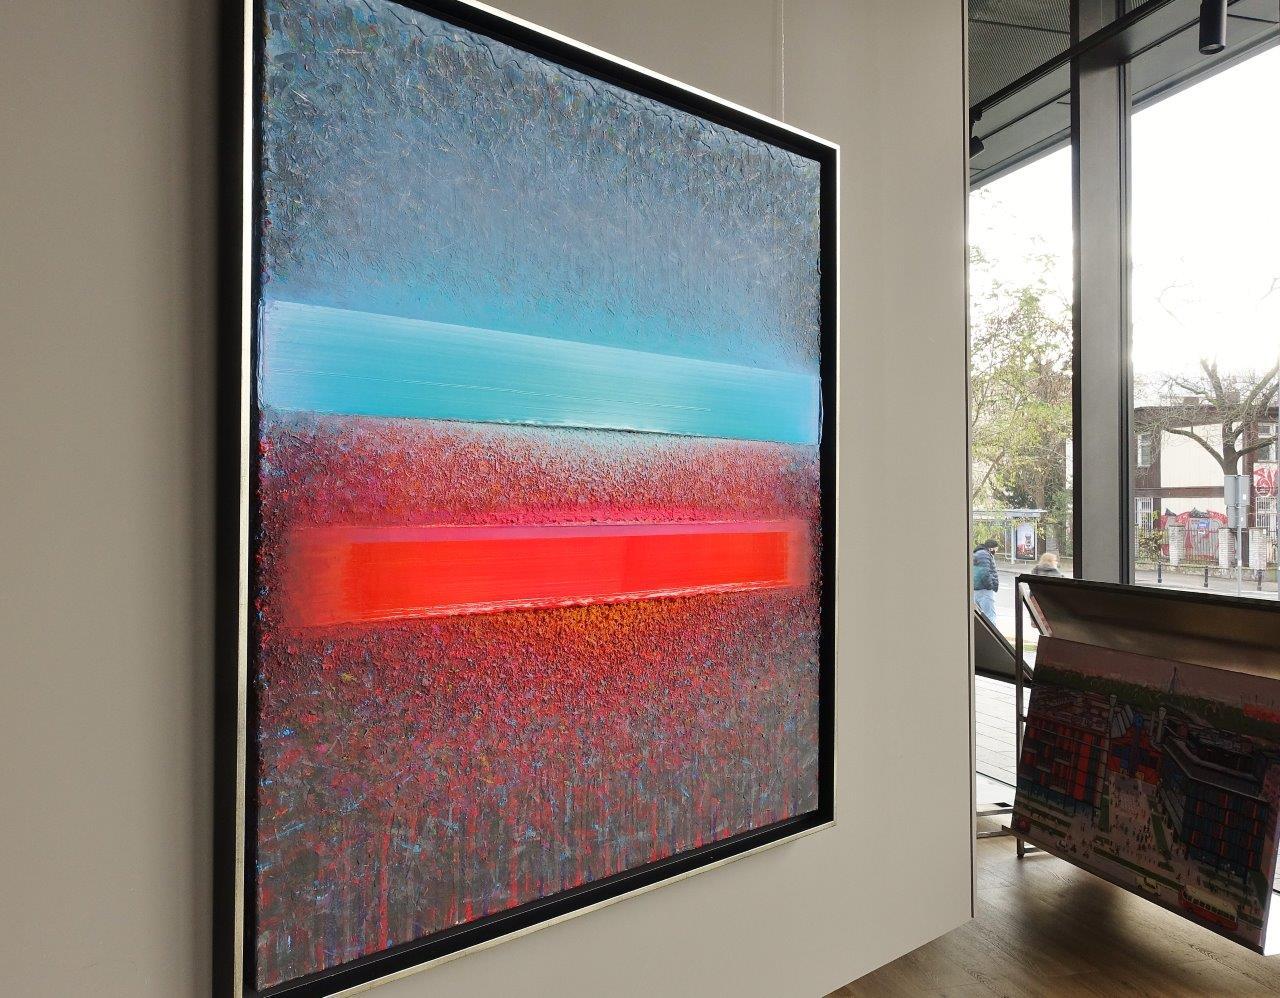 Sebastian Skoczylas : Transcendent